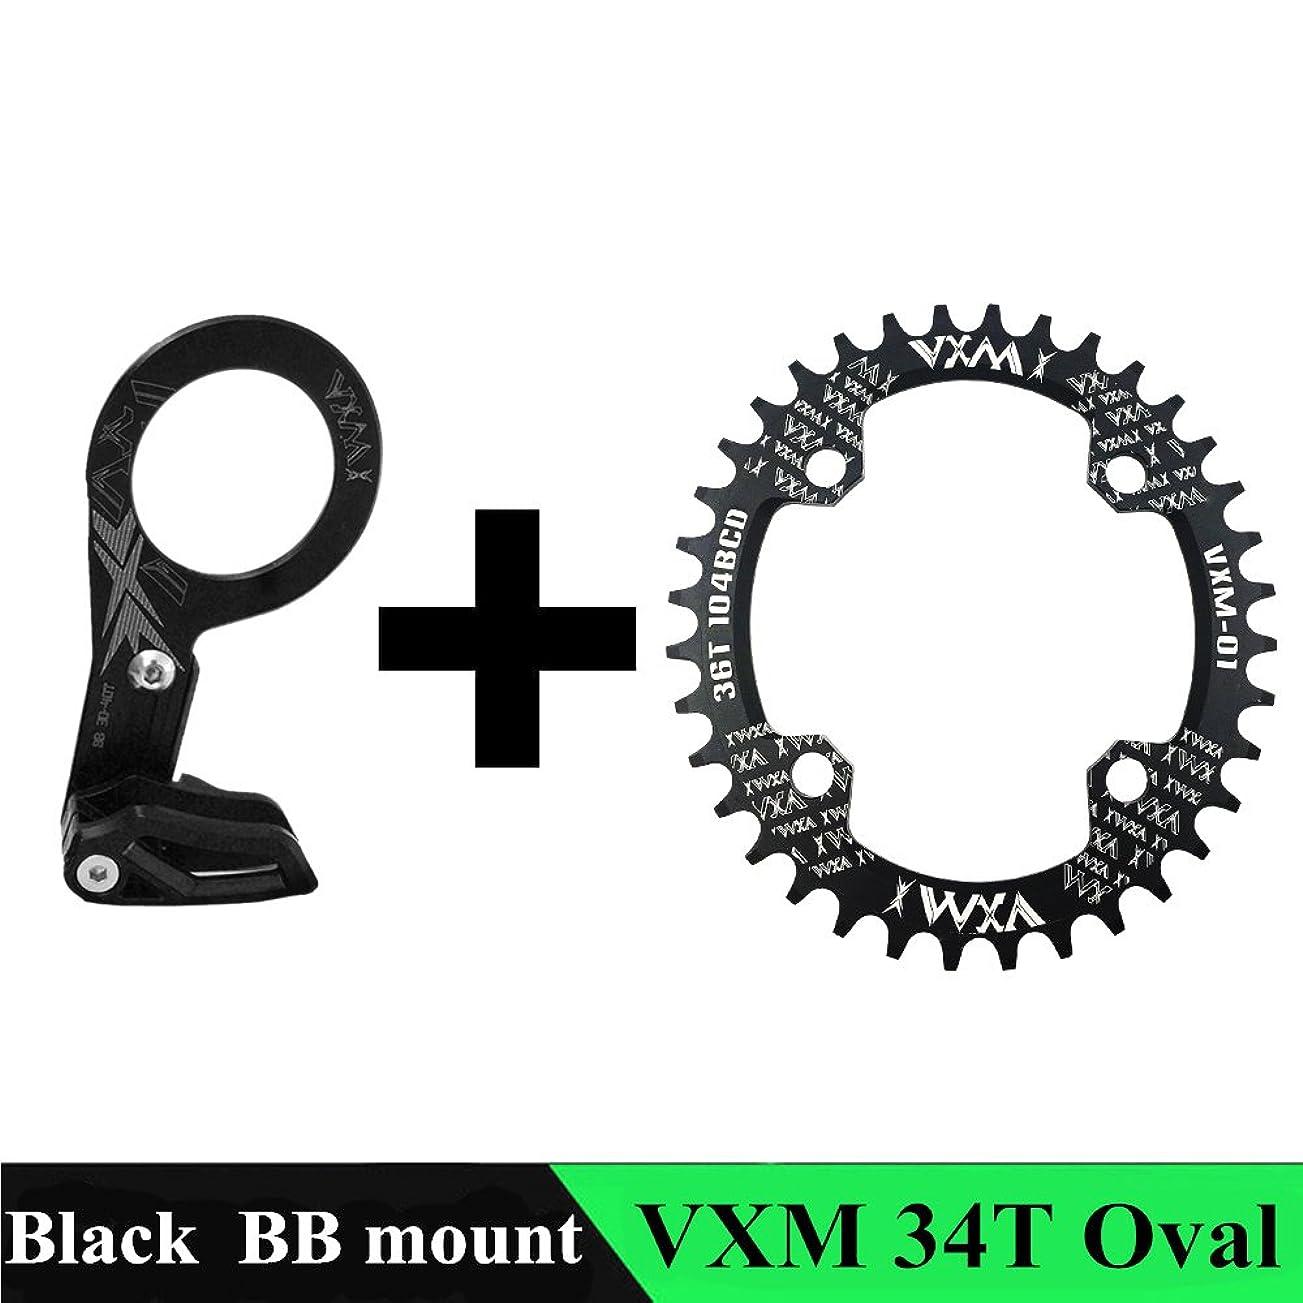 ヘルシー慎重フィルタPropenary - Bicycle 104BCD Crank Chainwheel Narrow Wide 32T 34T 36T 38T Oval Chainring Bicycle Chain guide protector Bicycle Parts [ BB Black 34T ]